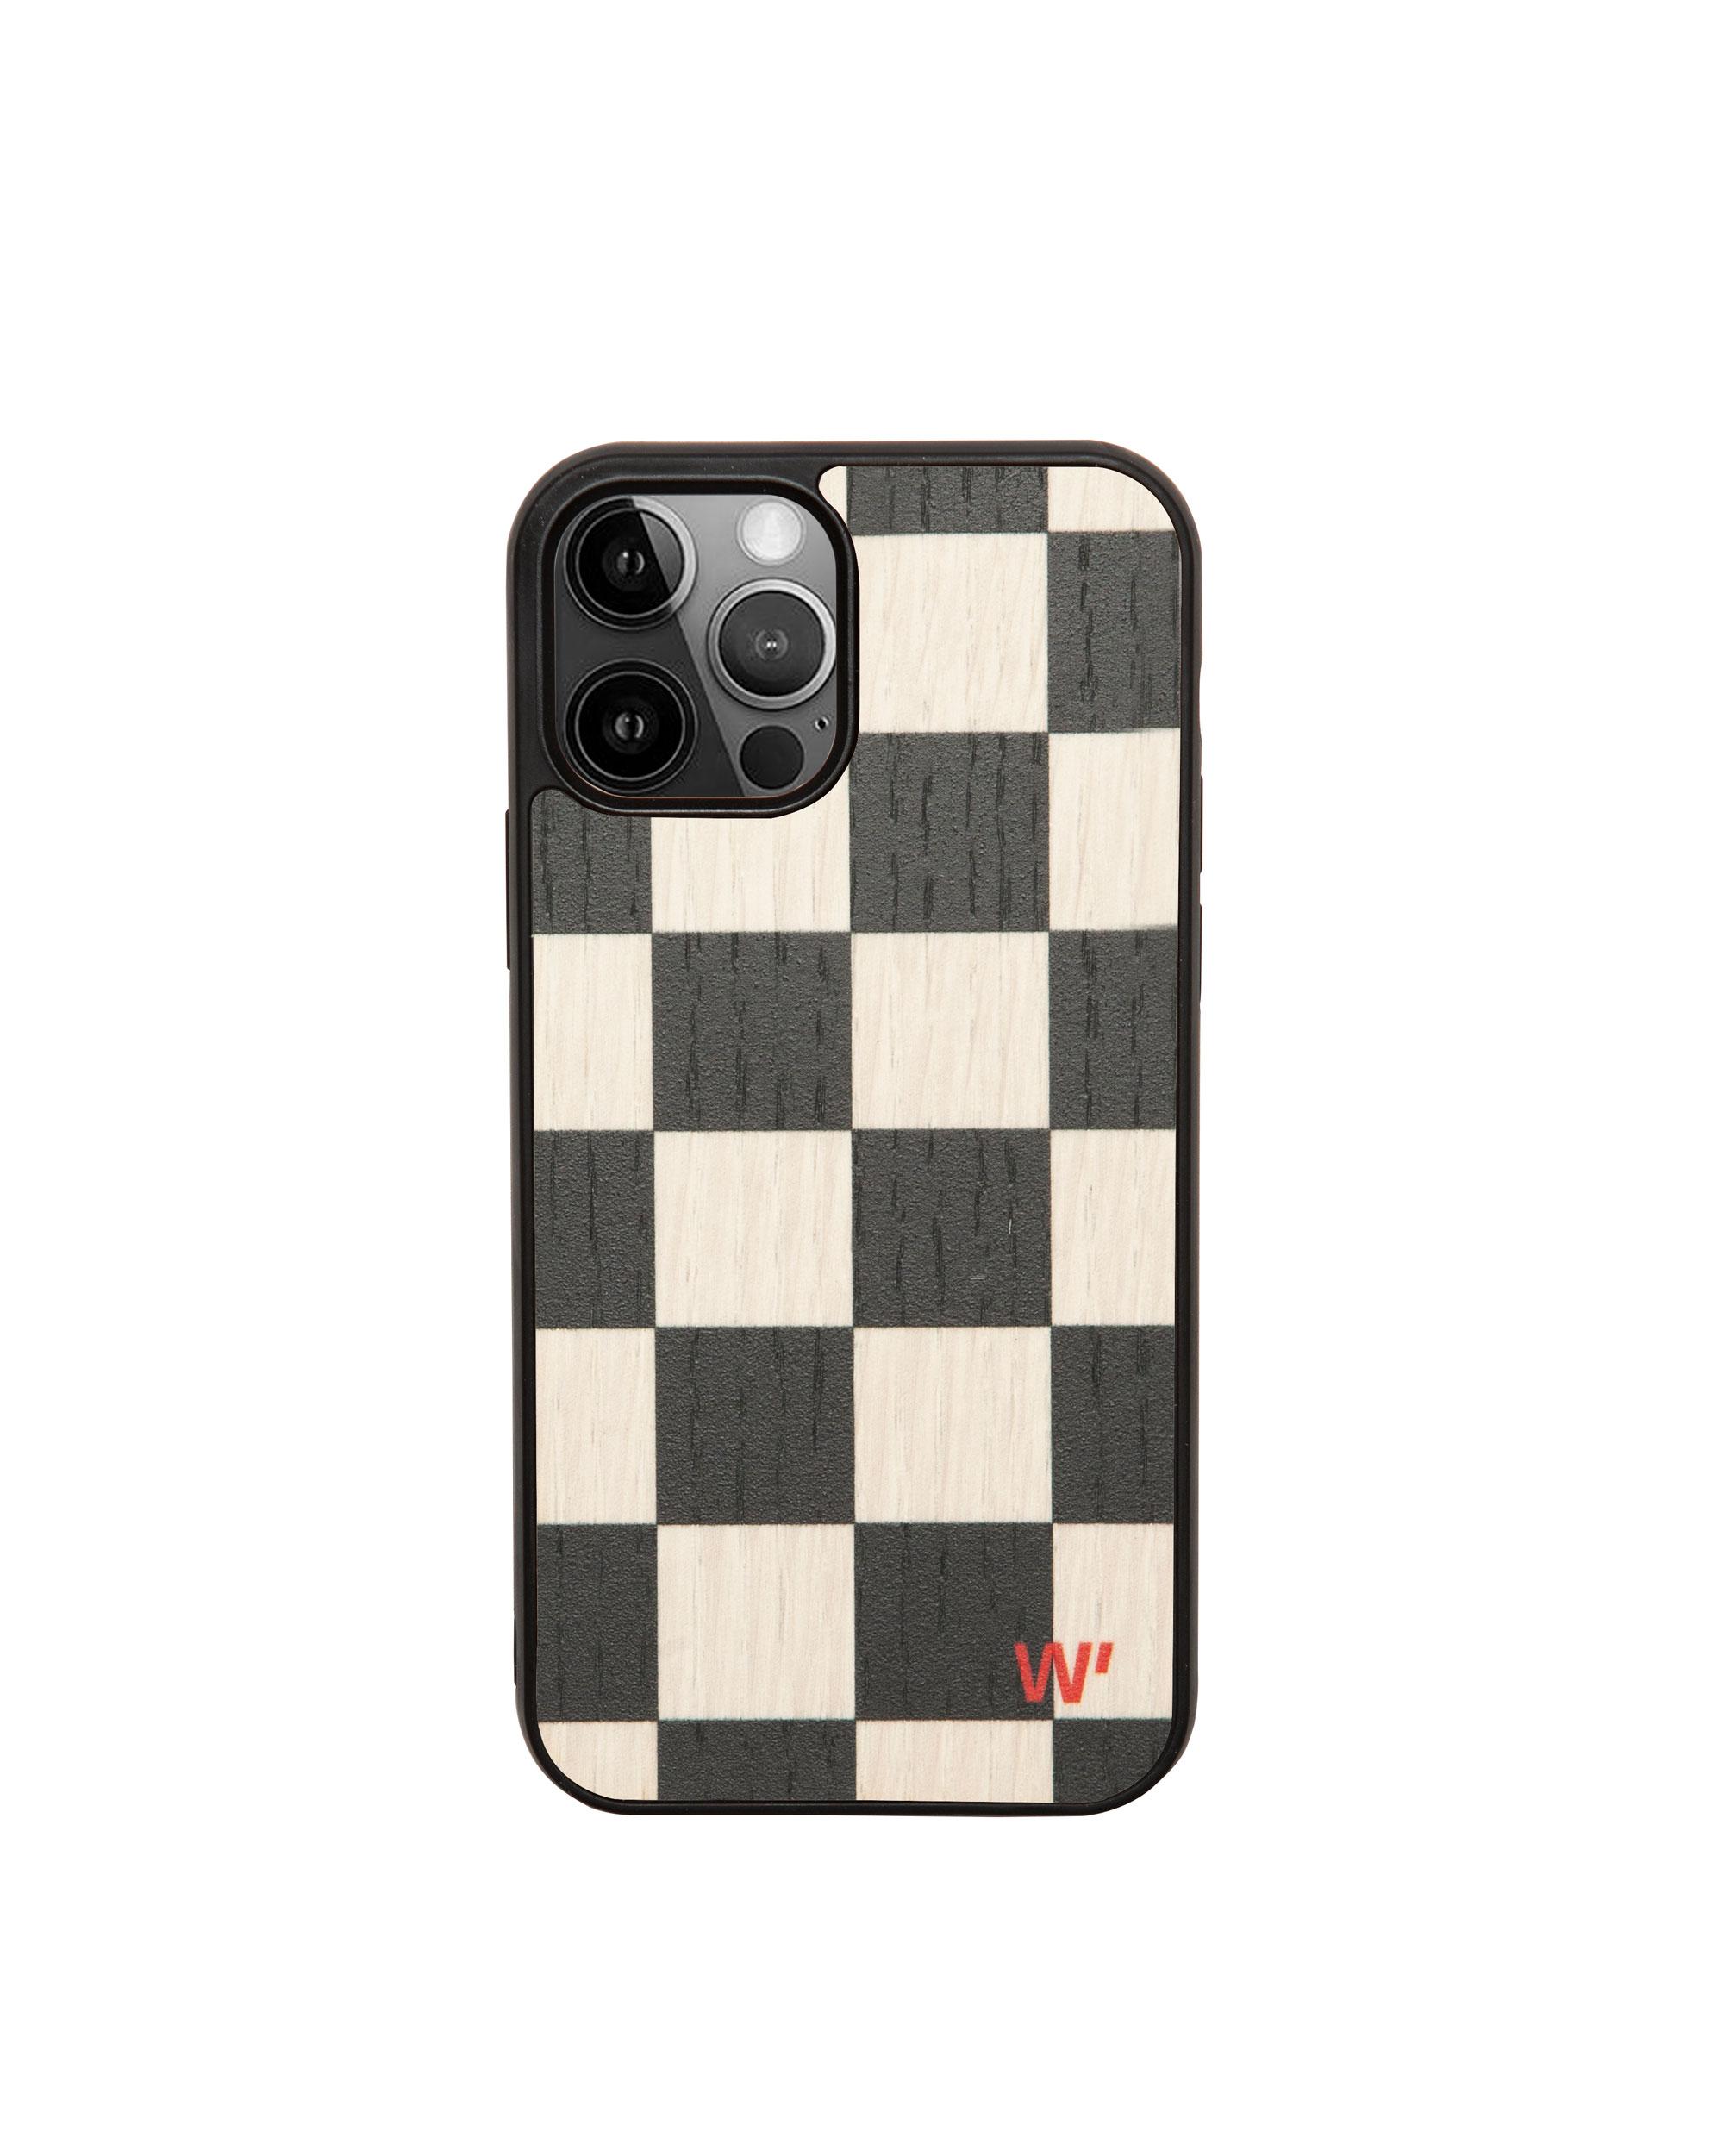 CHECK - Coque en bois pour iPhone 12 pro max